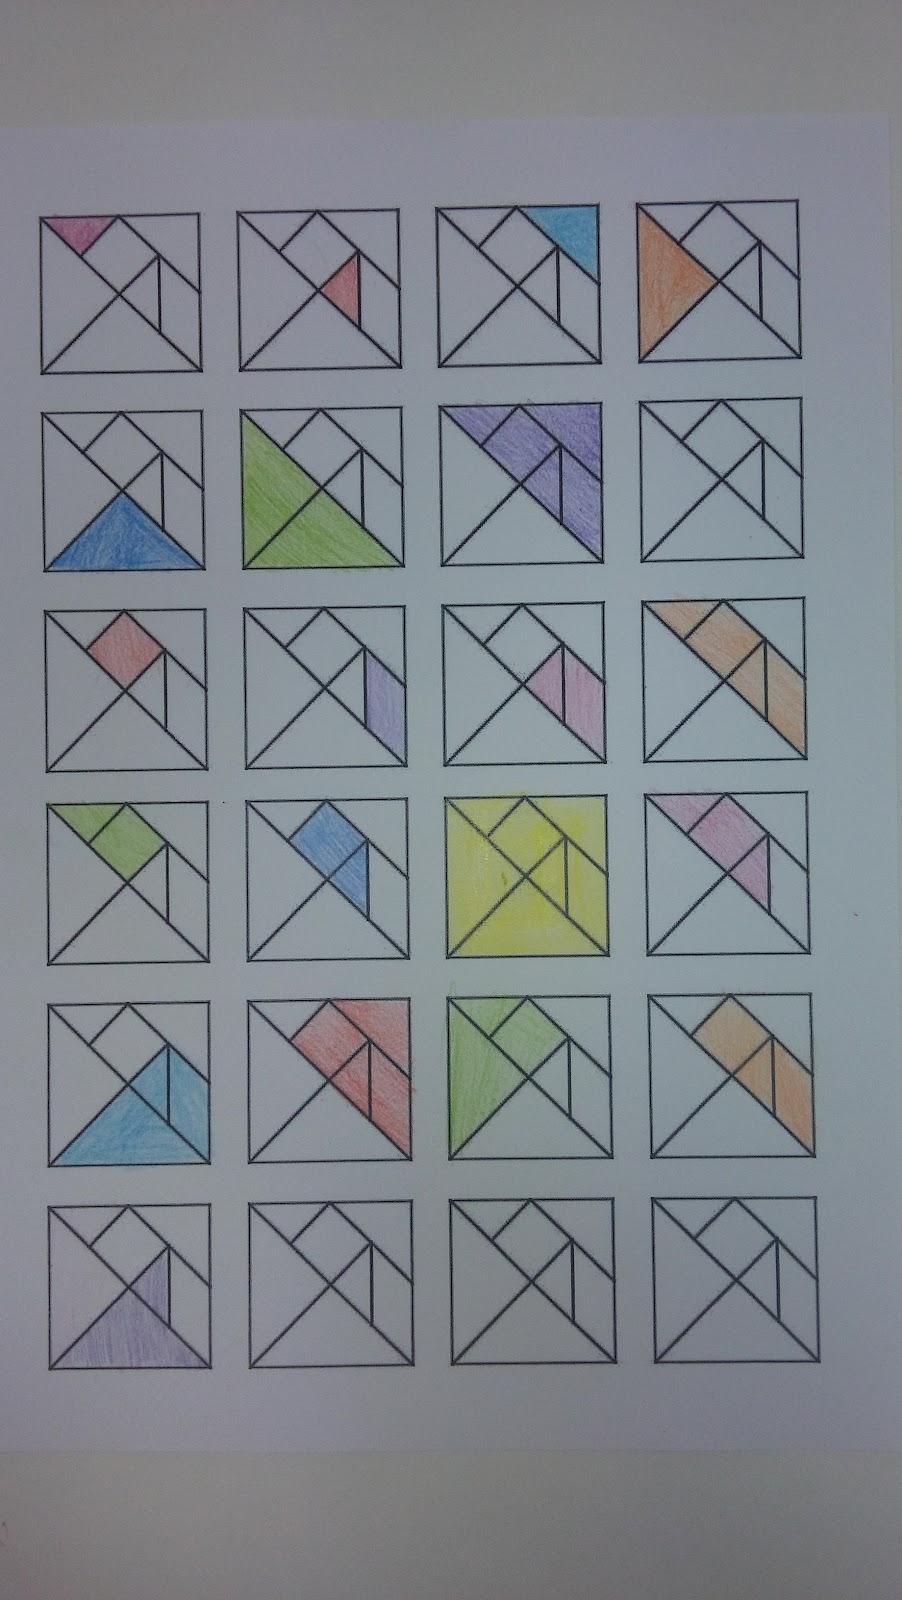 Solucions problema 1. 5è.jpg